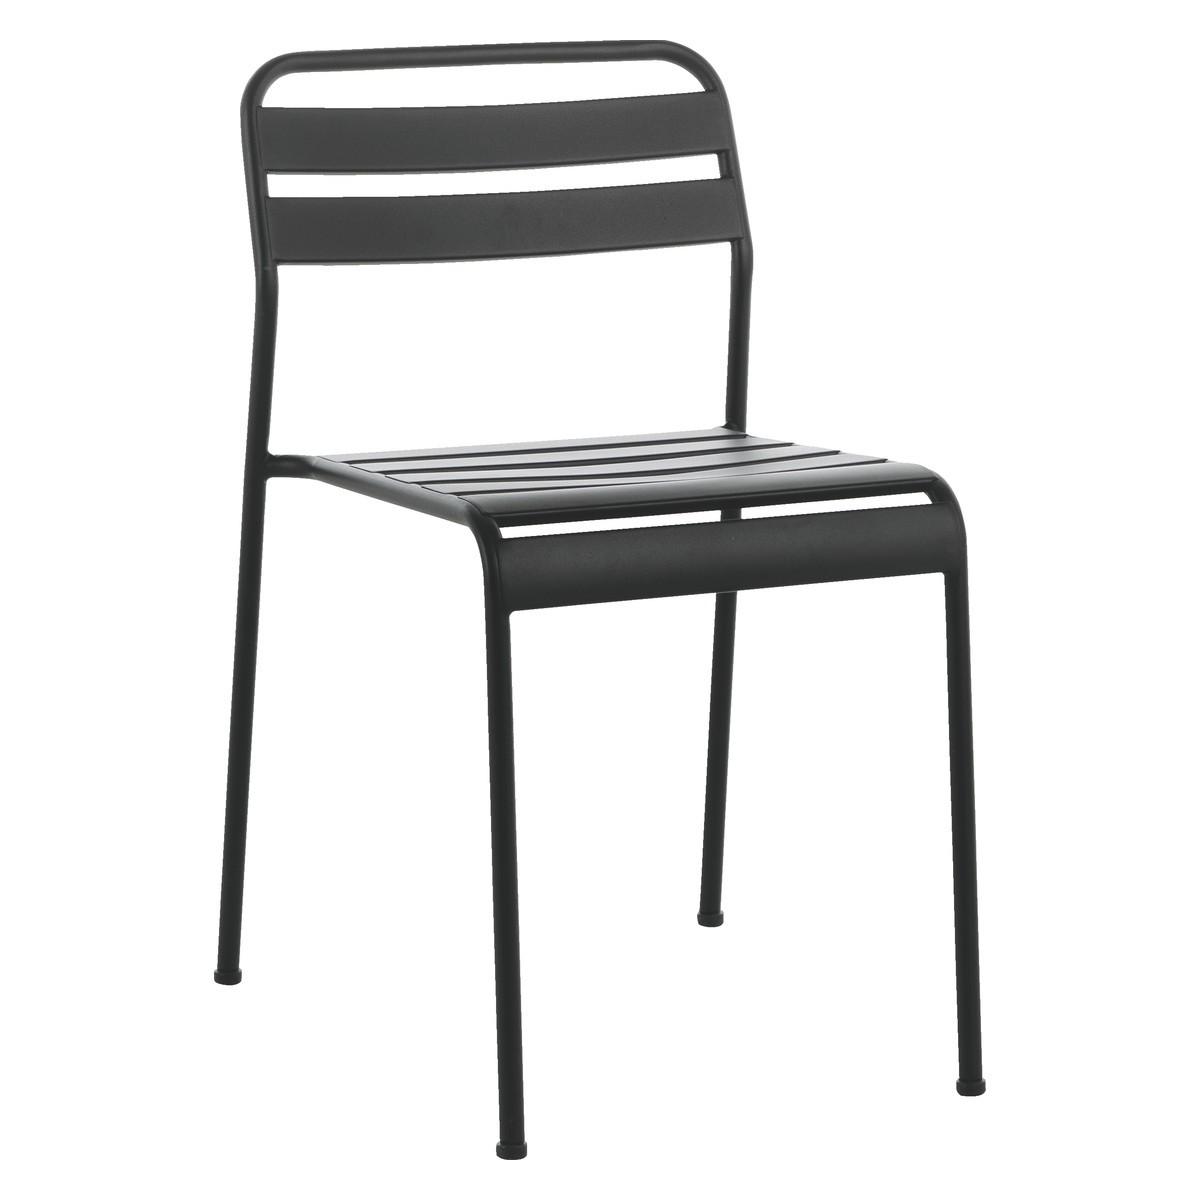 metal garden chairs care instructions AARJOIN